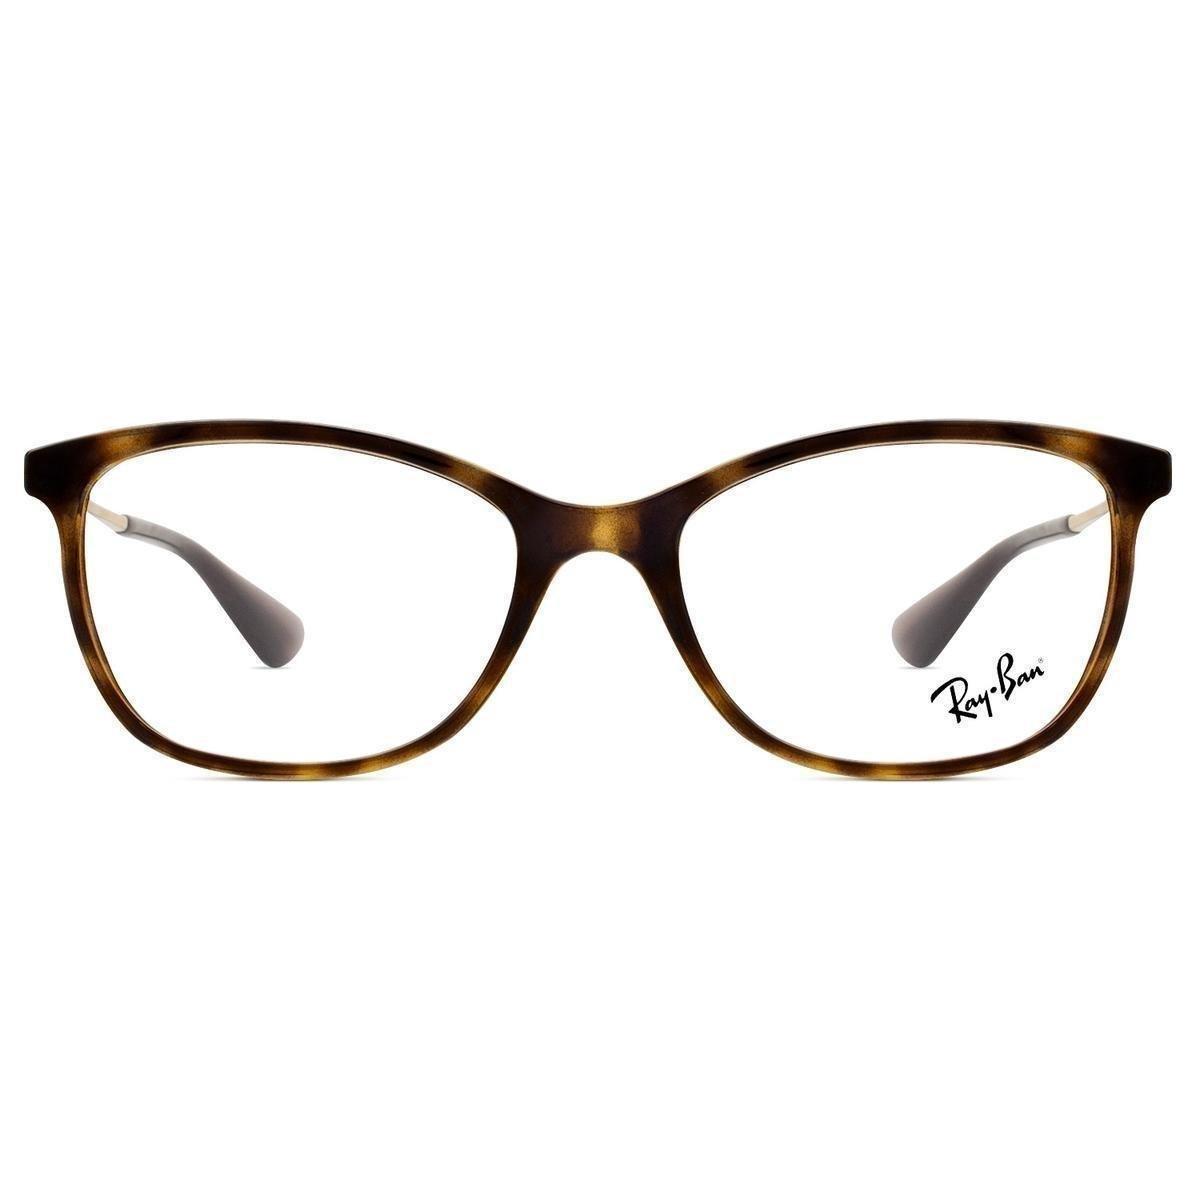 9dcbce8e1 Armação Óculos de Grau Ray Ban RX7106L 5999-53 | Zattini